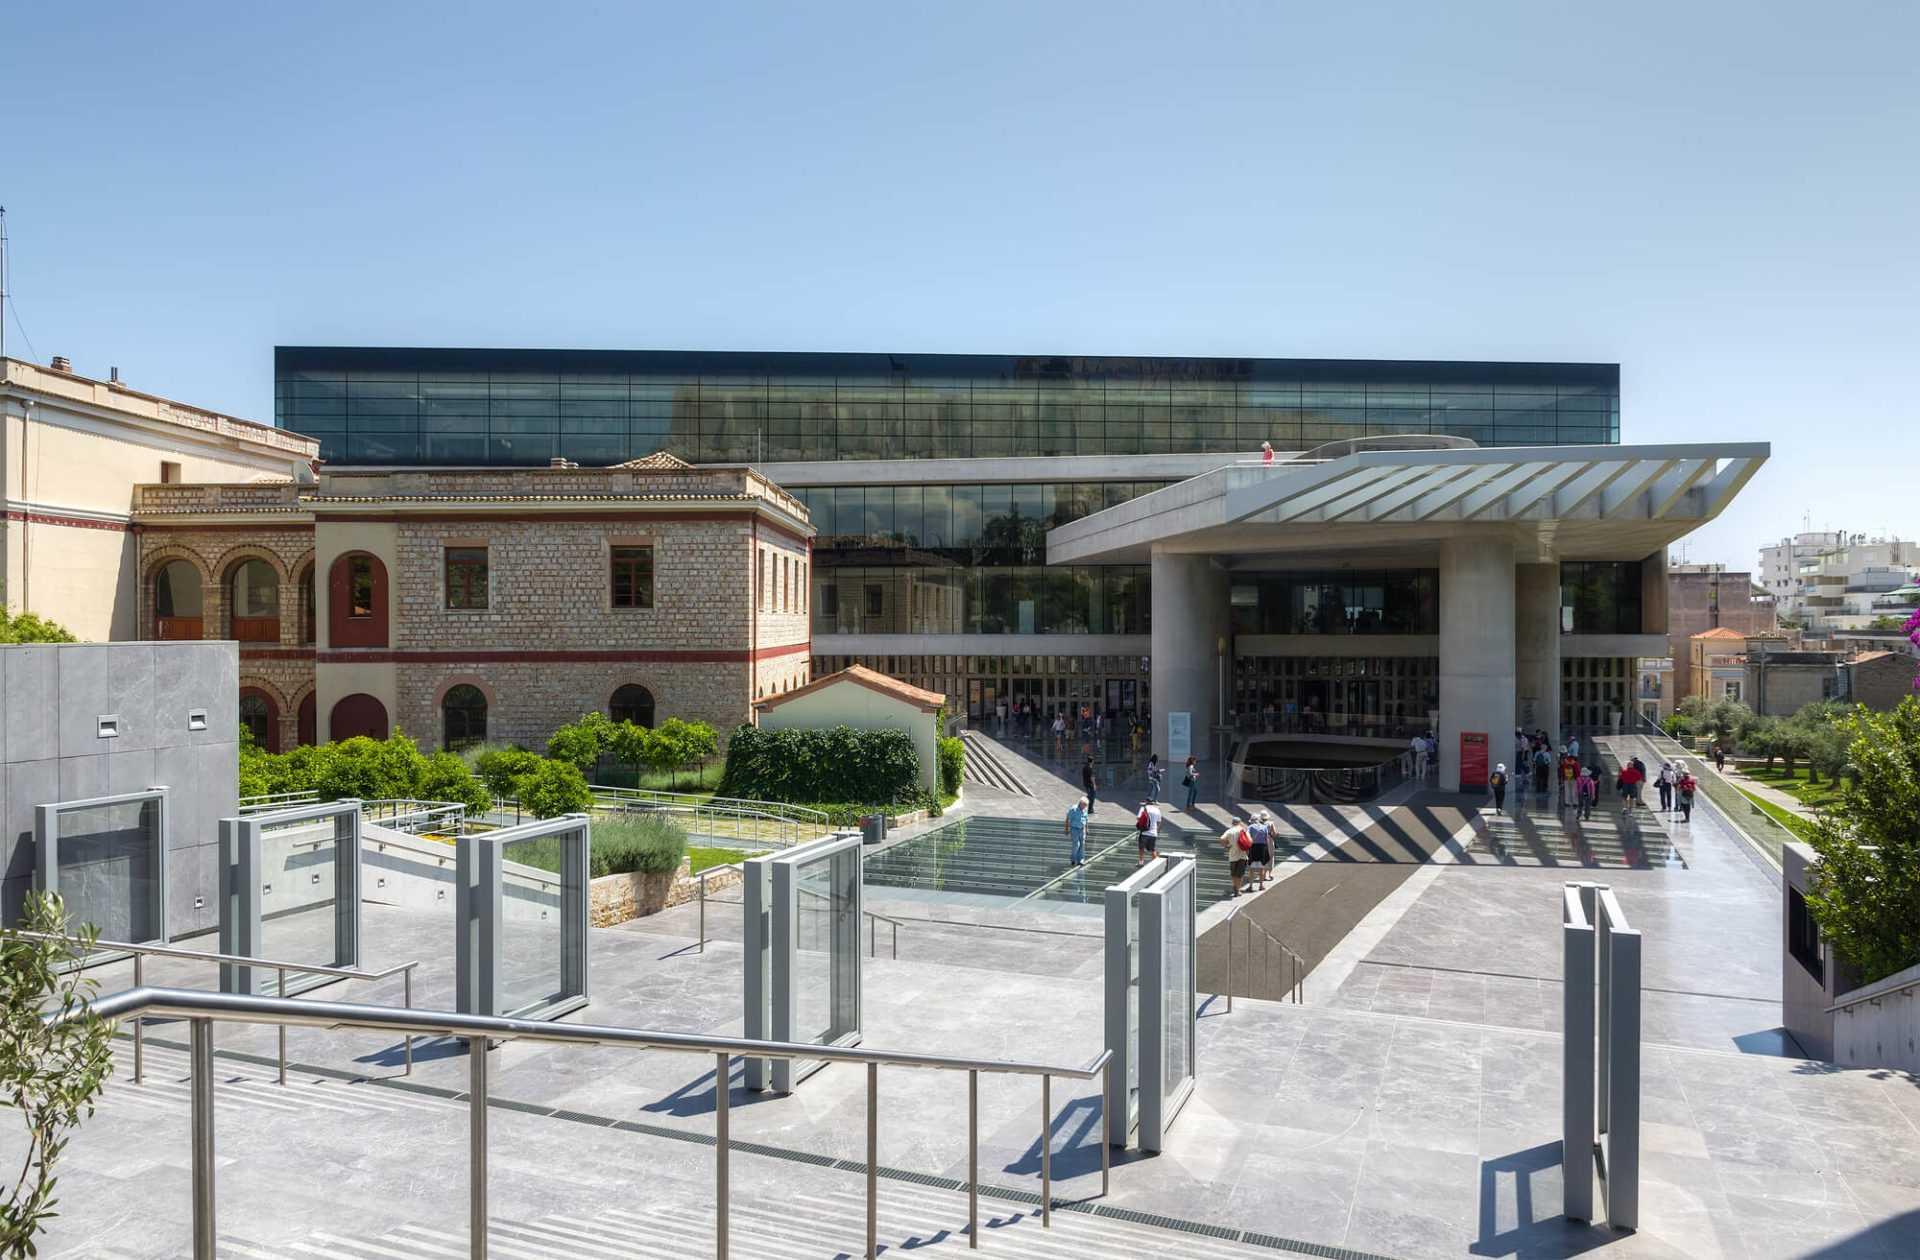 מוזיאון האקרופוליס באתונה - כרטיסים, עקיפת תורים וכל הפרטים!